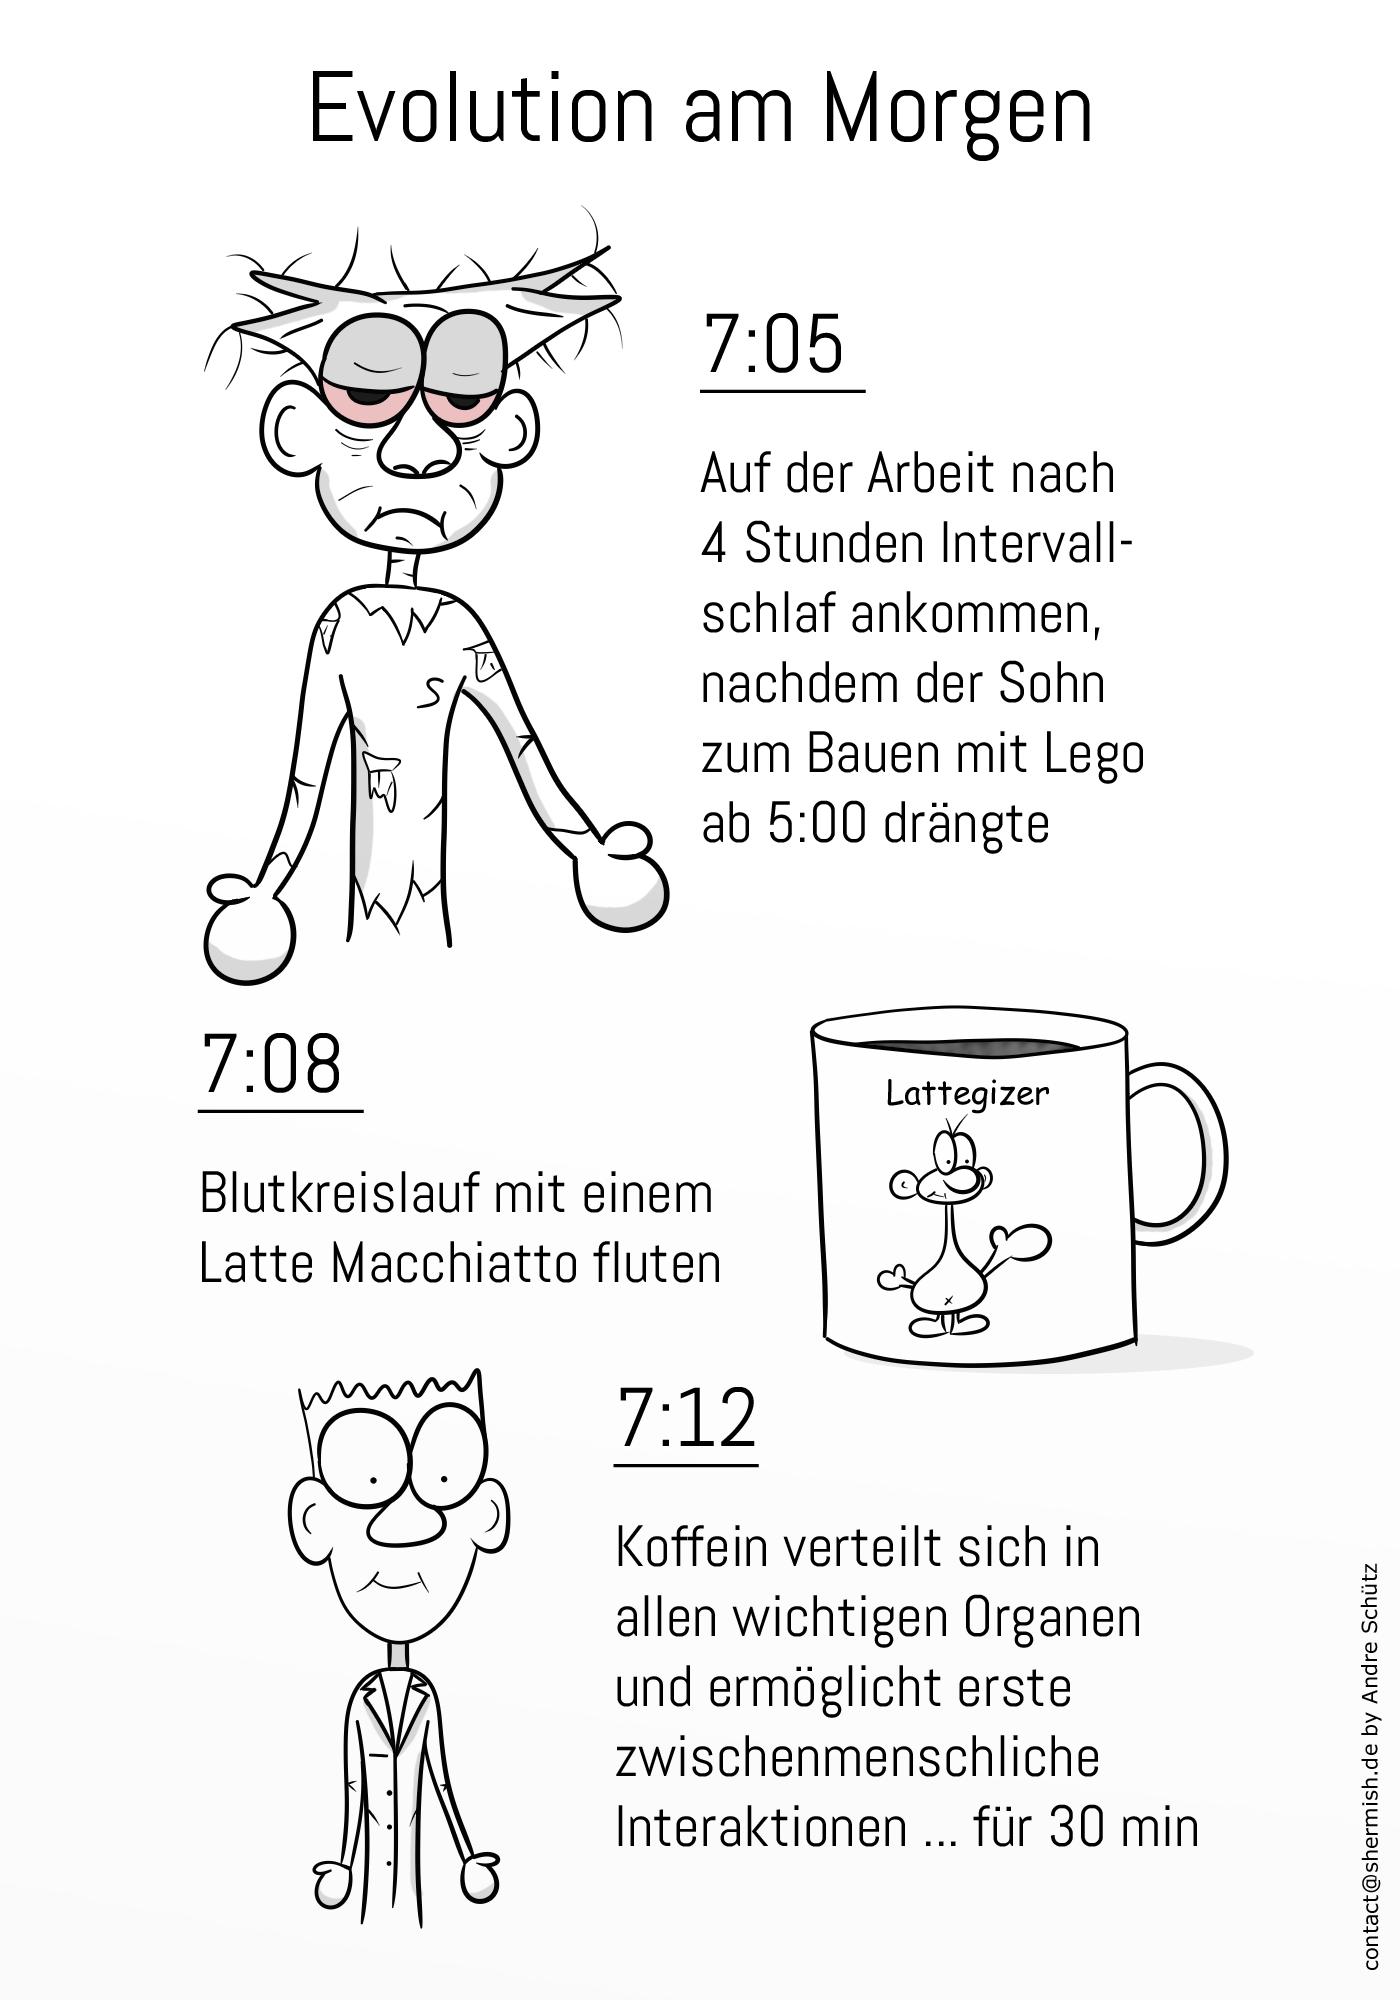 Evolution des Menschen am Morgen